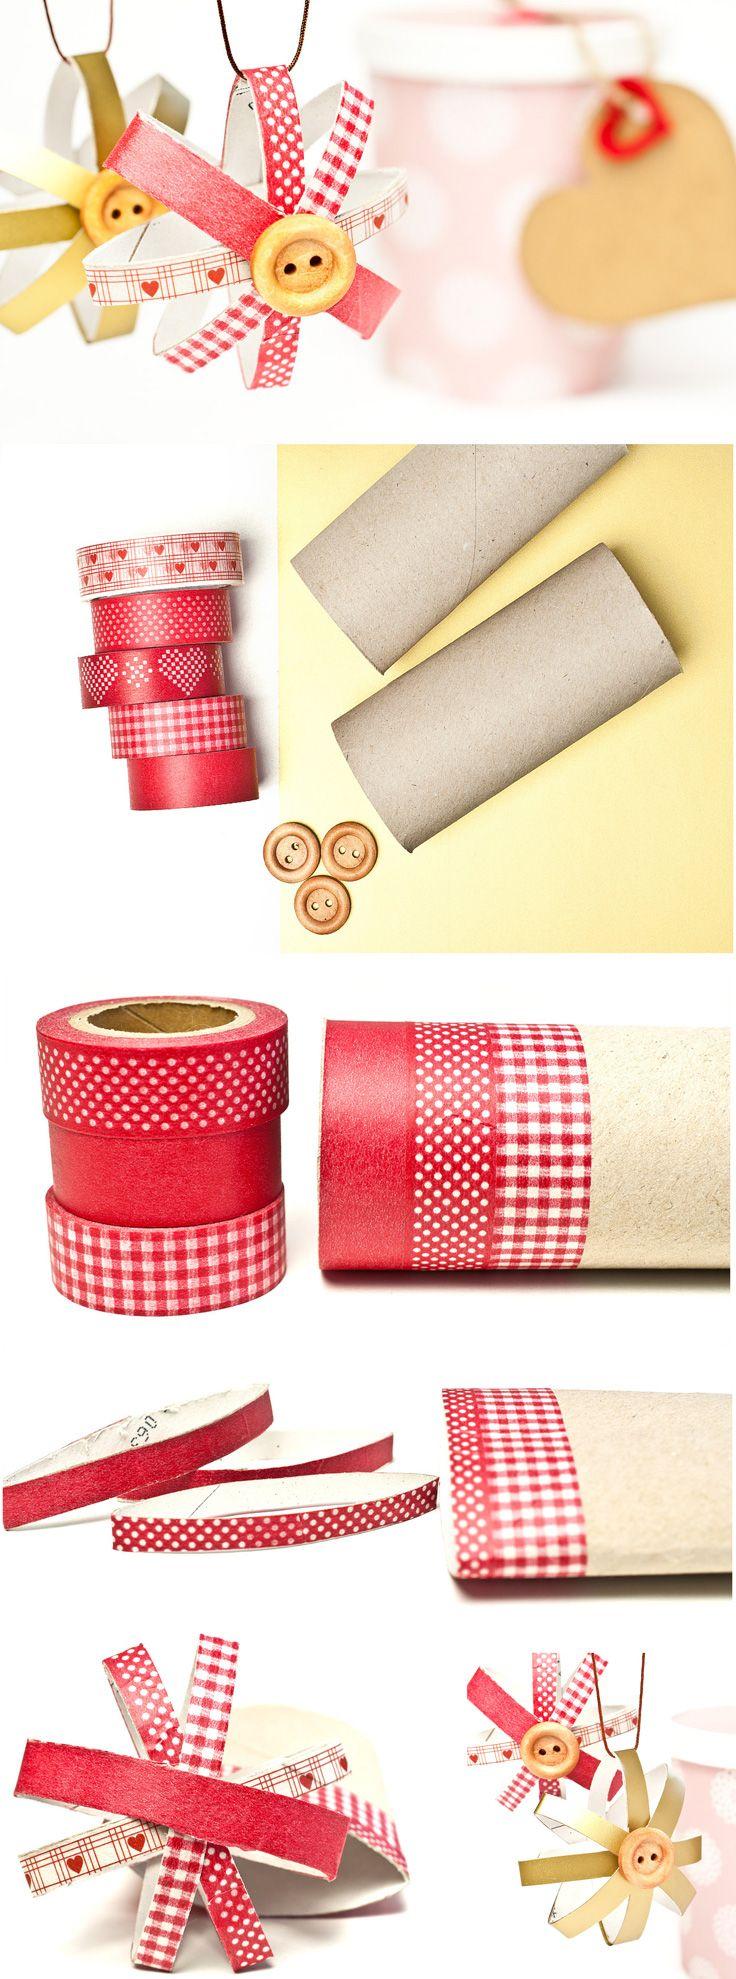 DIY-Deko zum Muttertag basteln - ganz einfach und schnell mit Washi Tape und Toilettenpapierrollen. www.miomodo.de